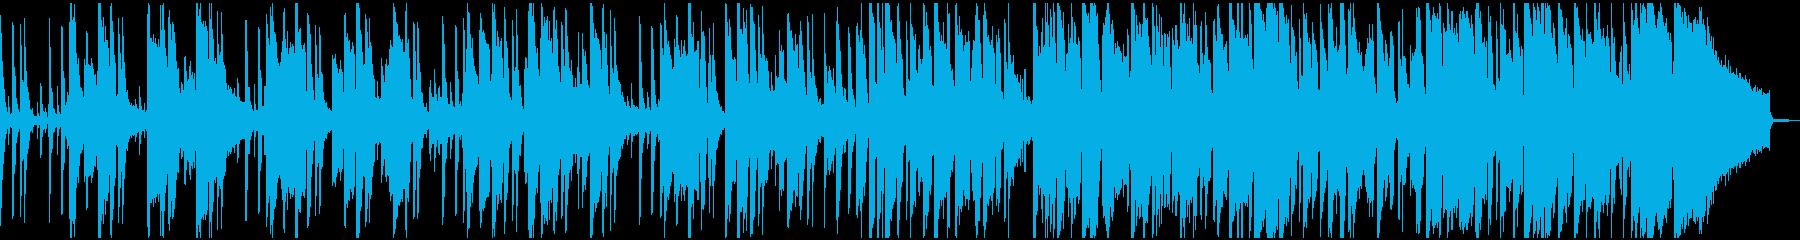 伝統的なジャズ ビバップ 滑らか ...の再生済みの波形